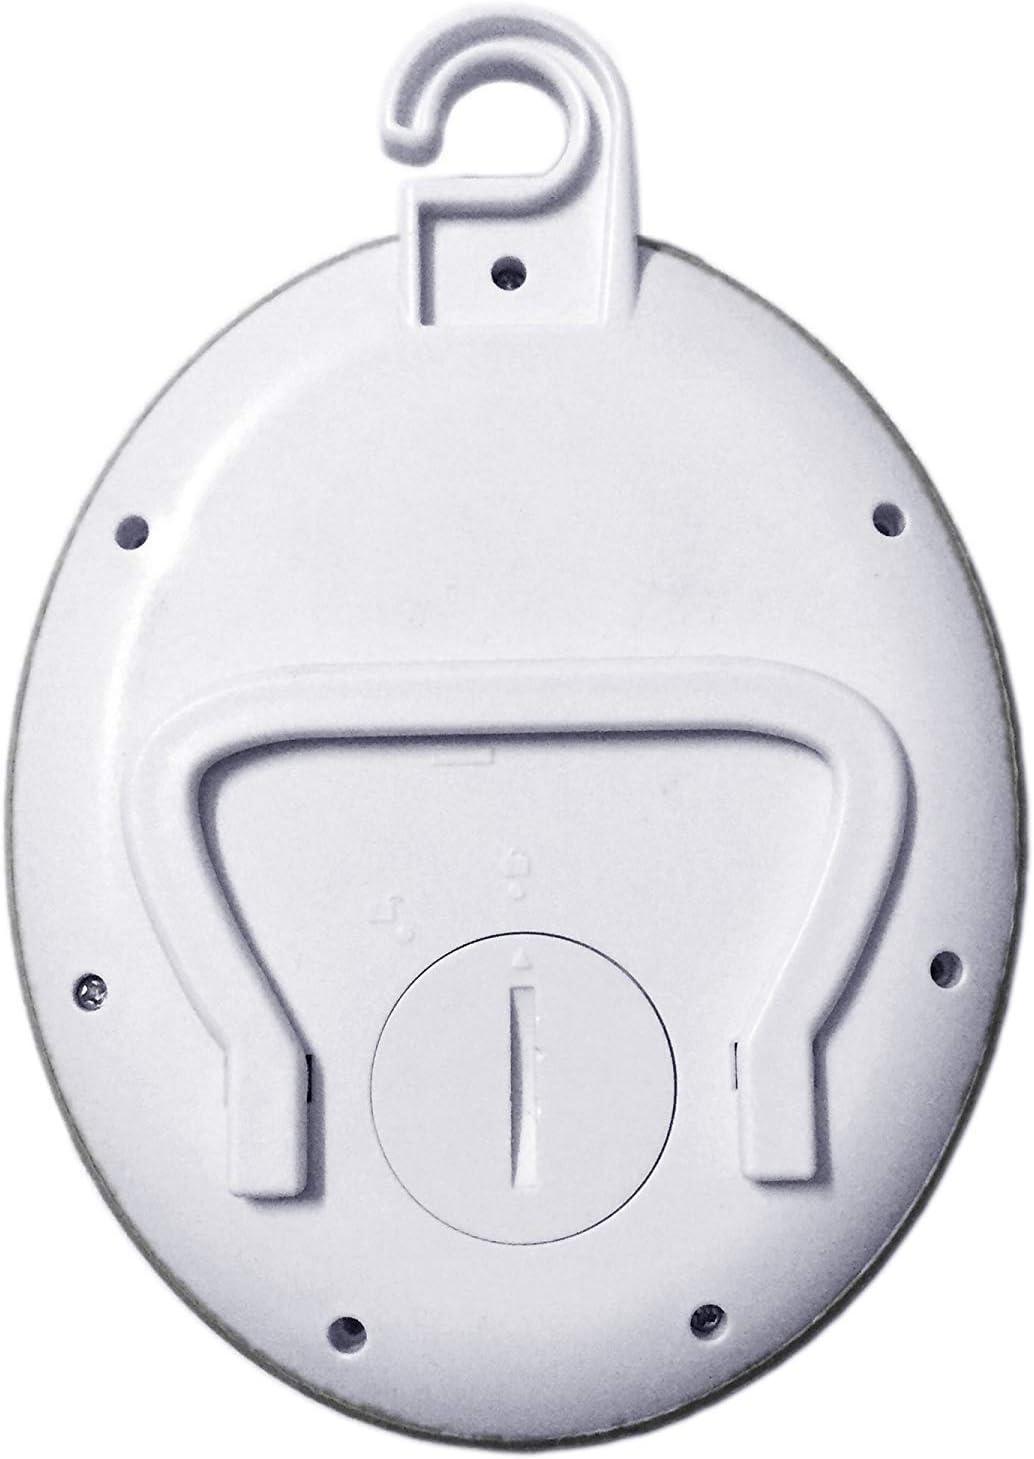 Piscine Sauna HITO Horloge de Douche /étanche avec Alarme Chambre denfant Cuisine Date et temp/érature int/érieure pour Salle de Bain